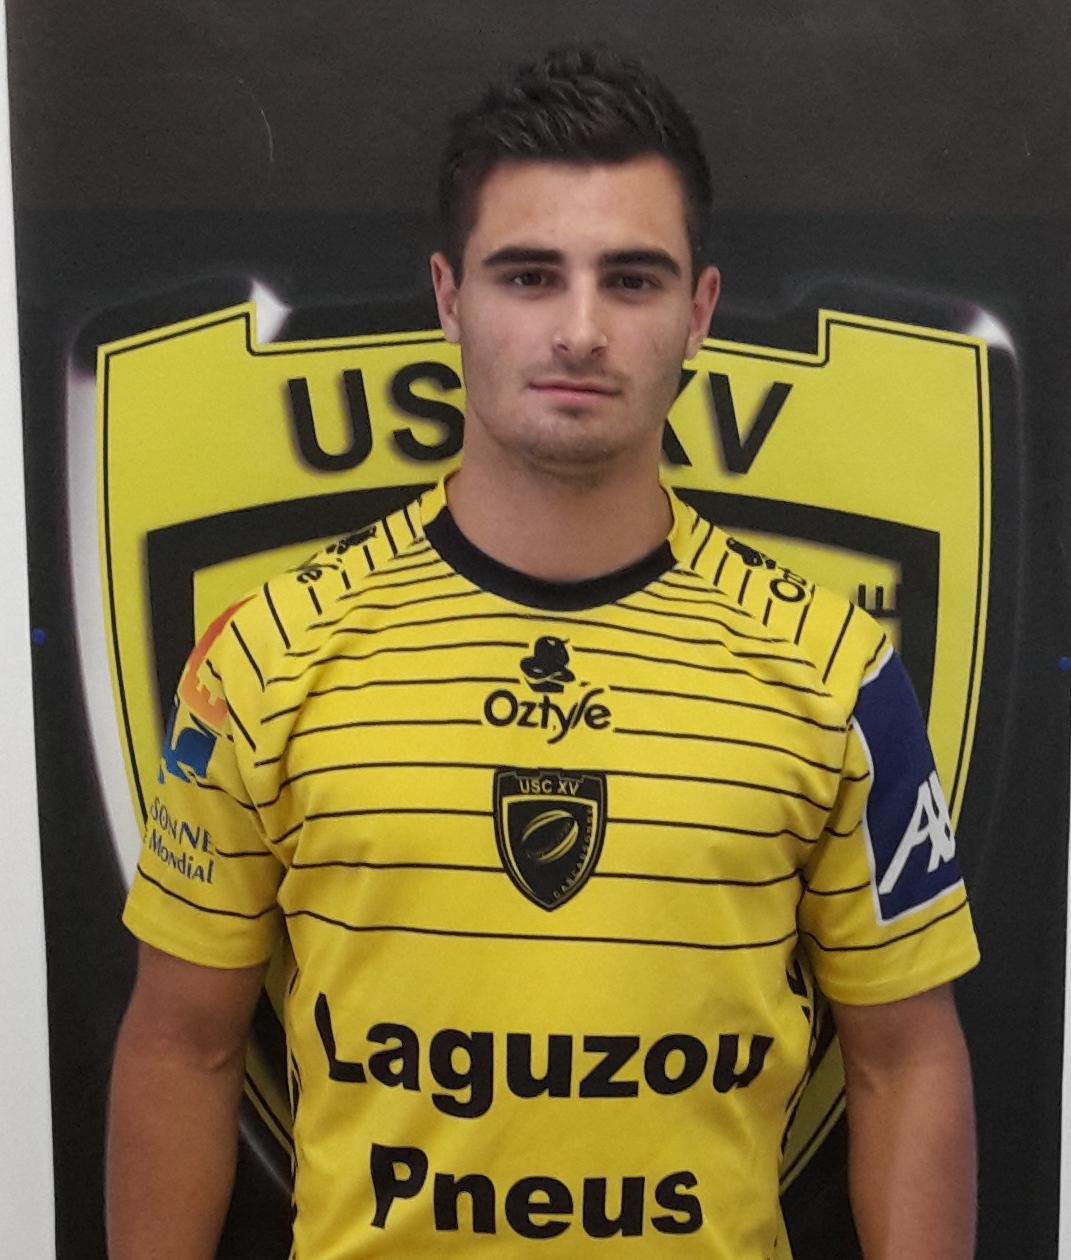 Thibaud Lautier